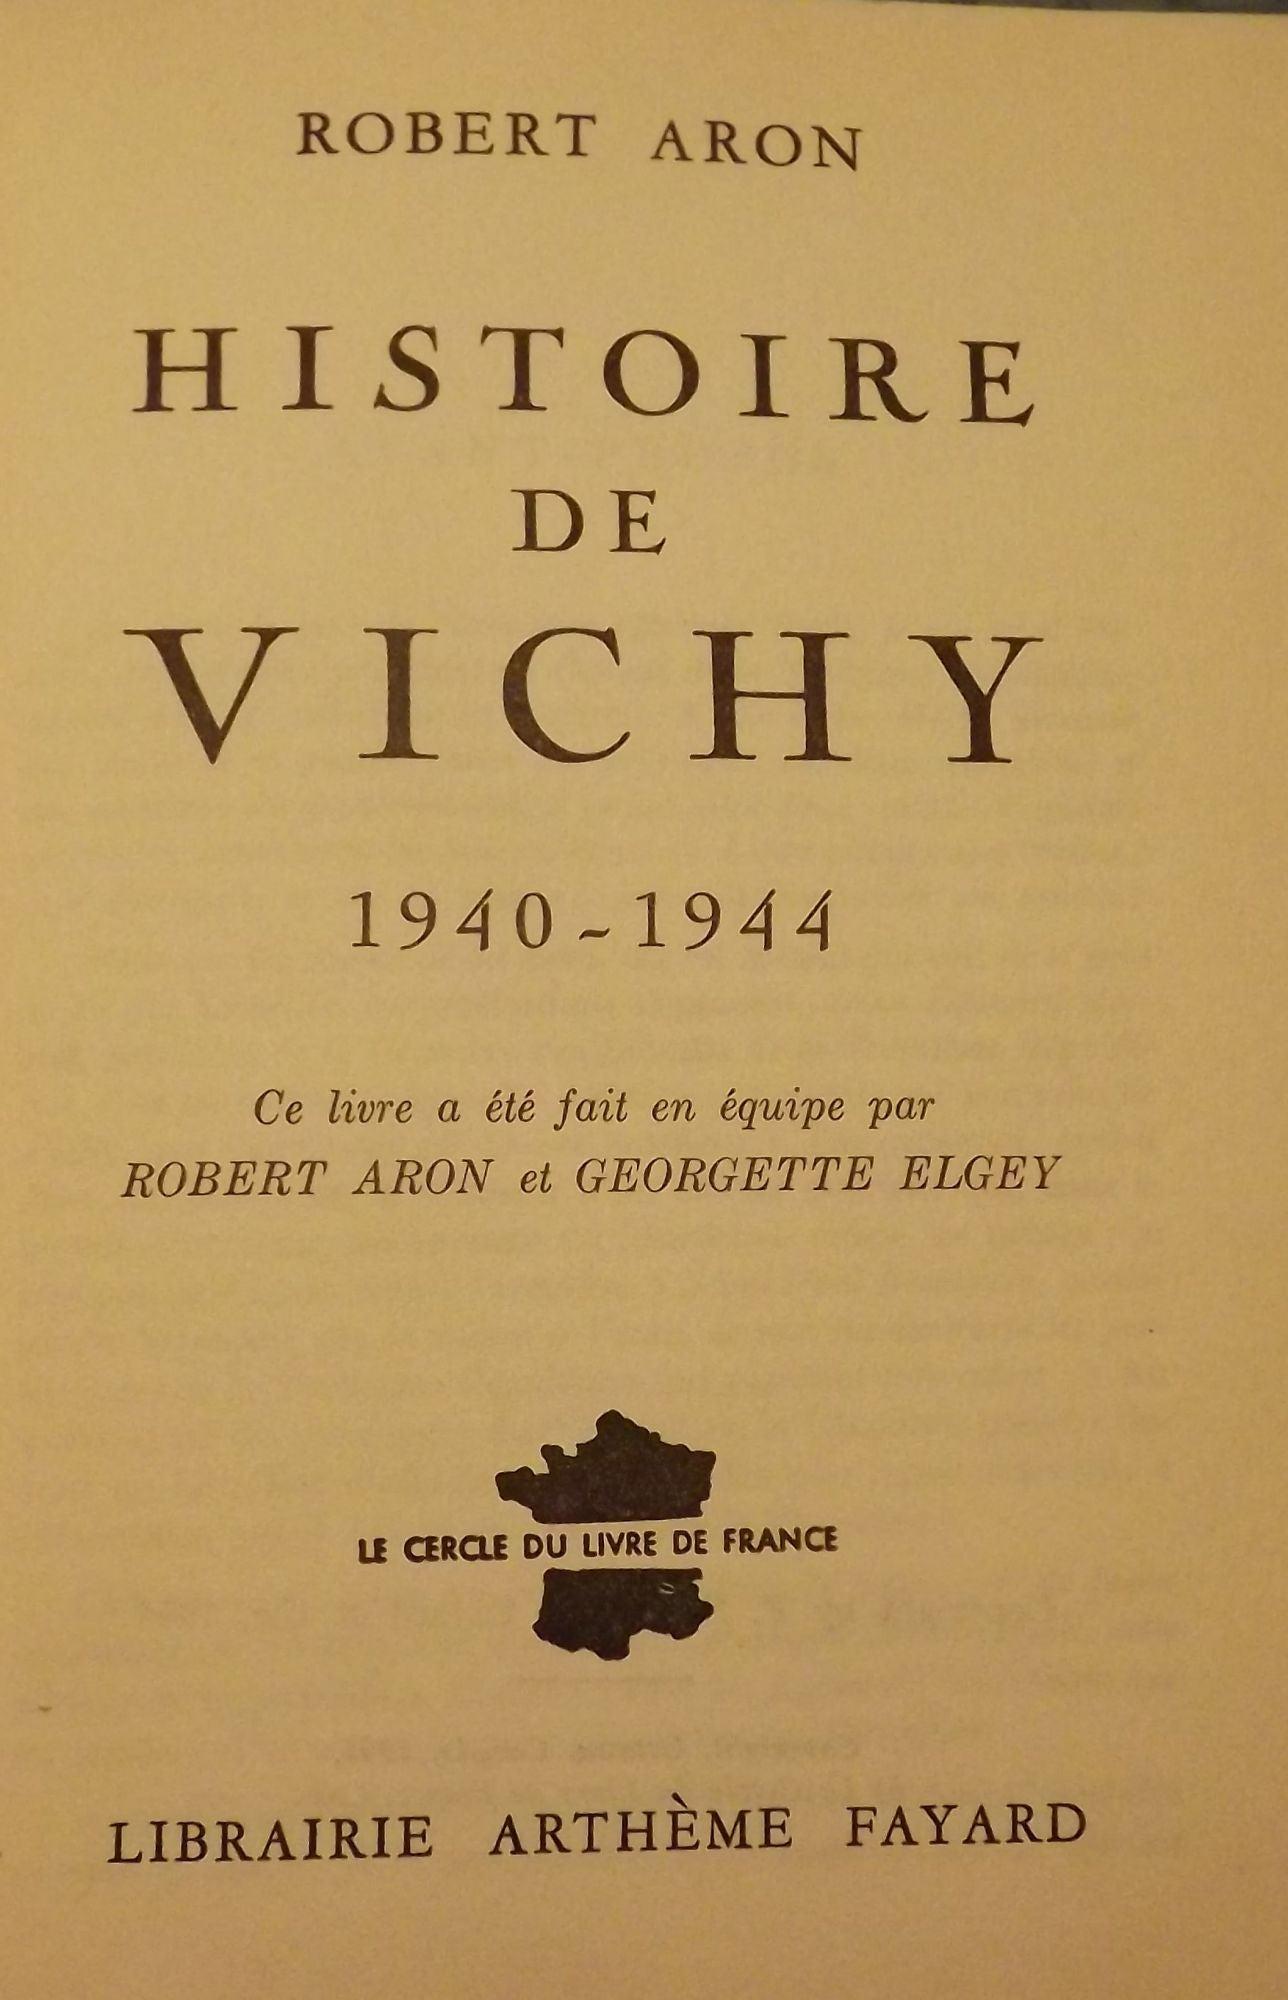 Robert Aron Histoire De Vichy : robert, histoire, vichy, HISTORIE, VICHY:, 1940-1944, Robert